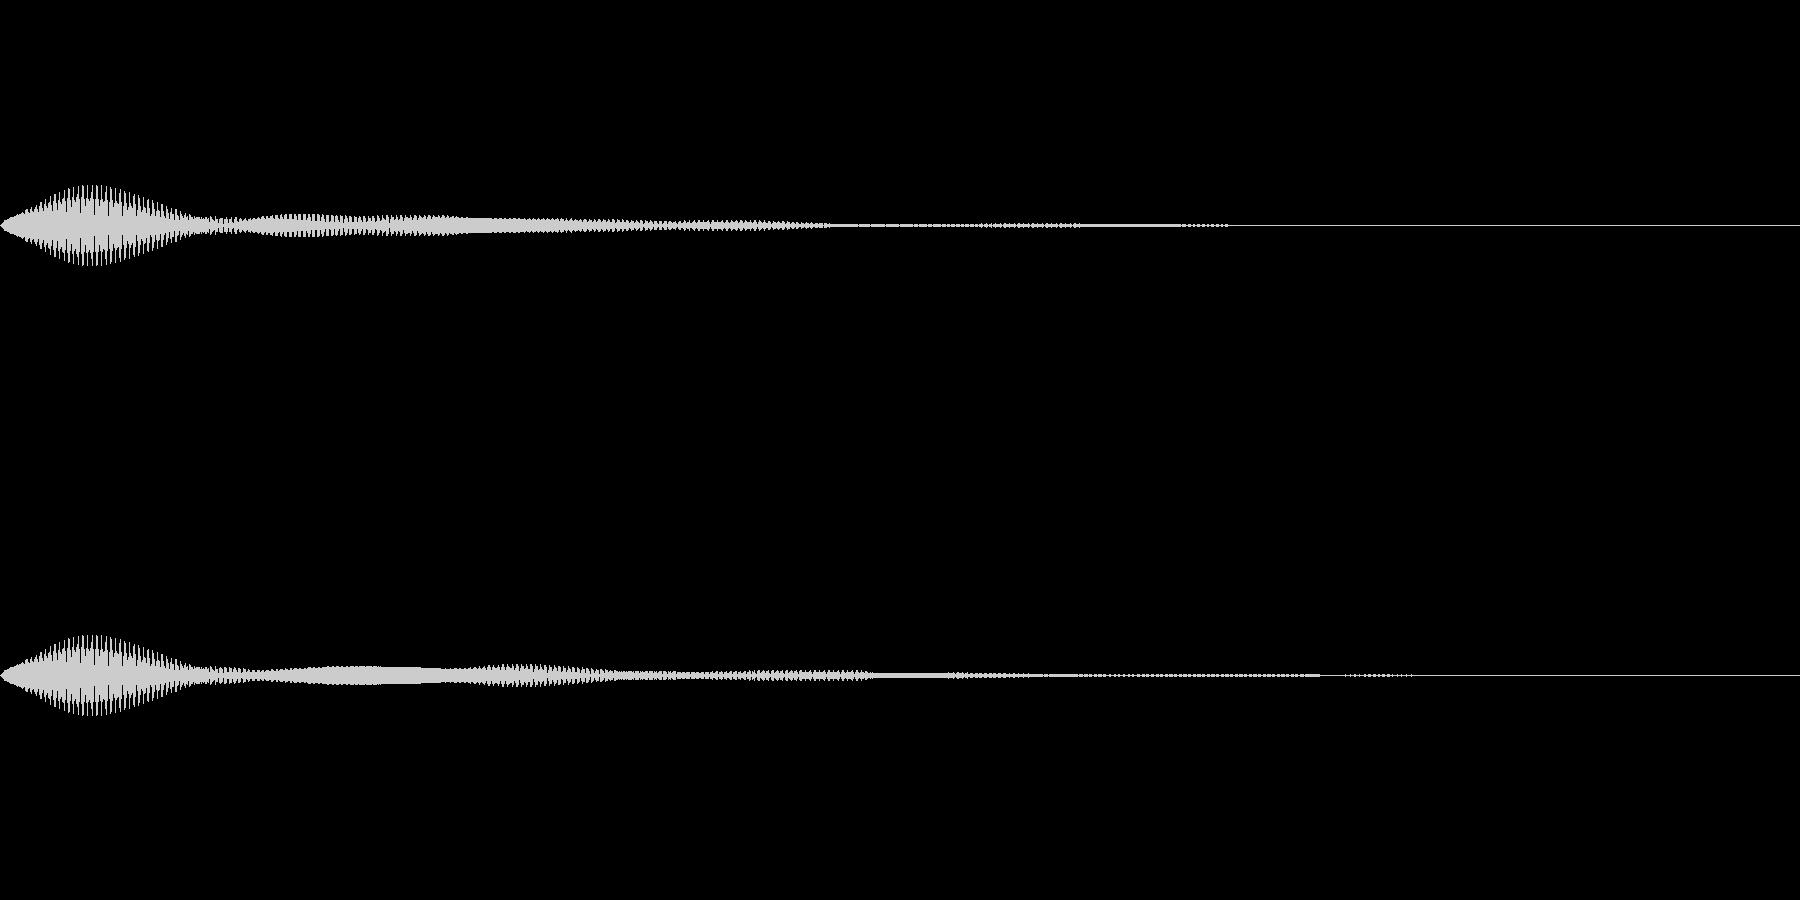 メニュー系SE 決定音2の未再生の波形